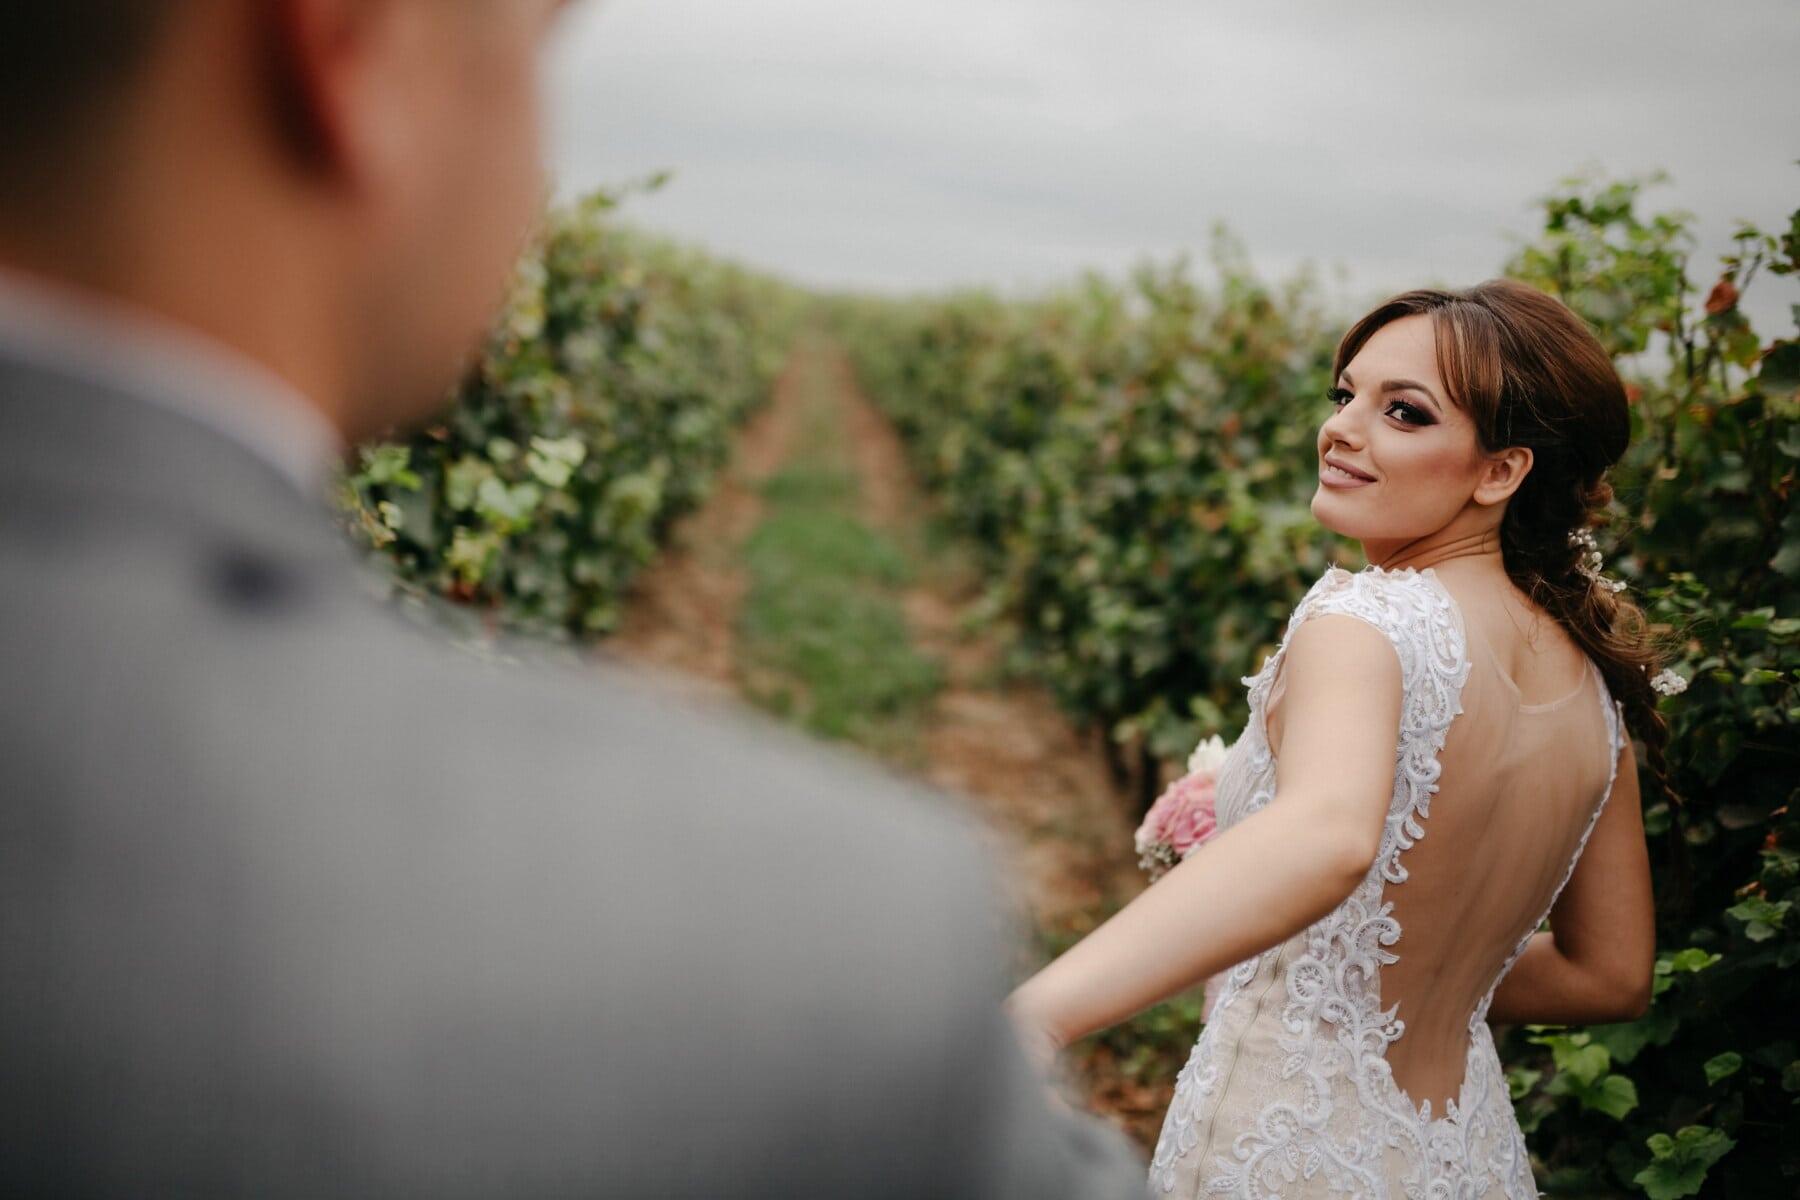 Brunette, la mariée, Jolie fille, vignoble, joie, mariage, jeune marié, femme, engagement, nature